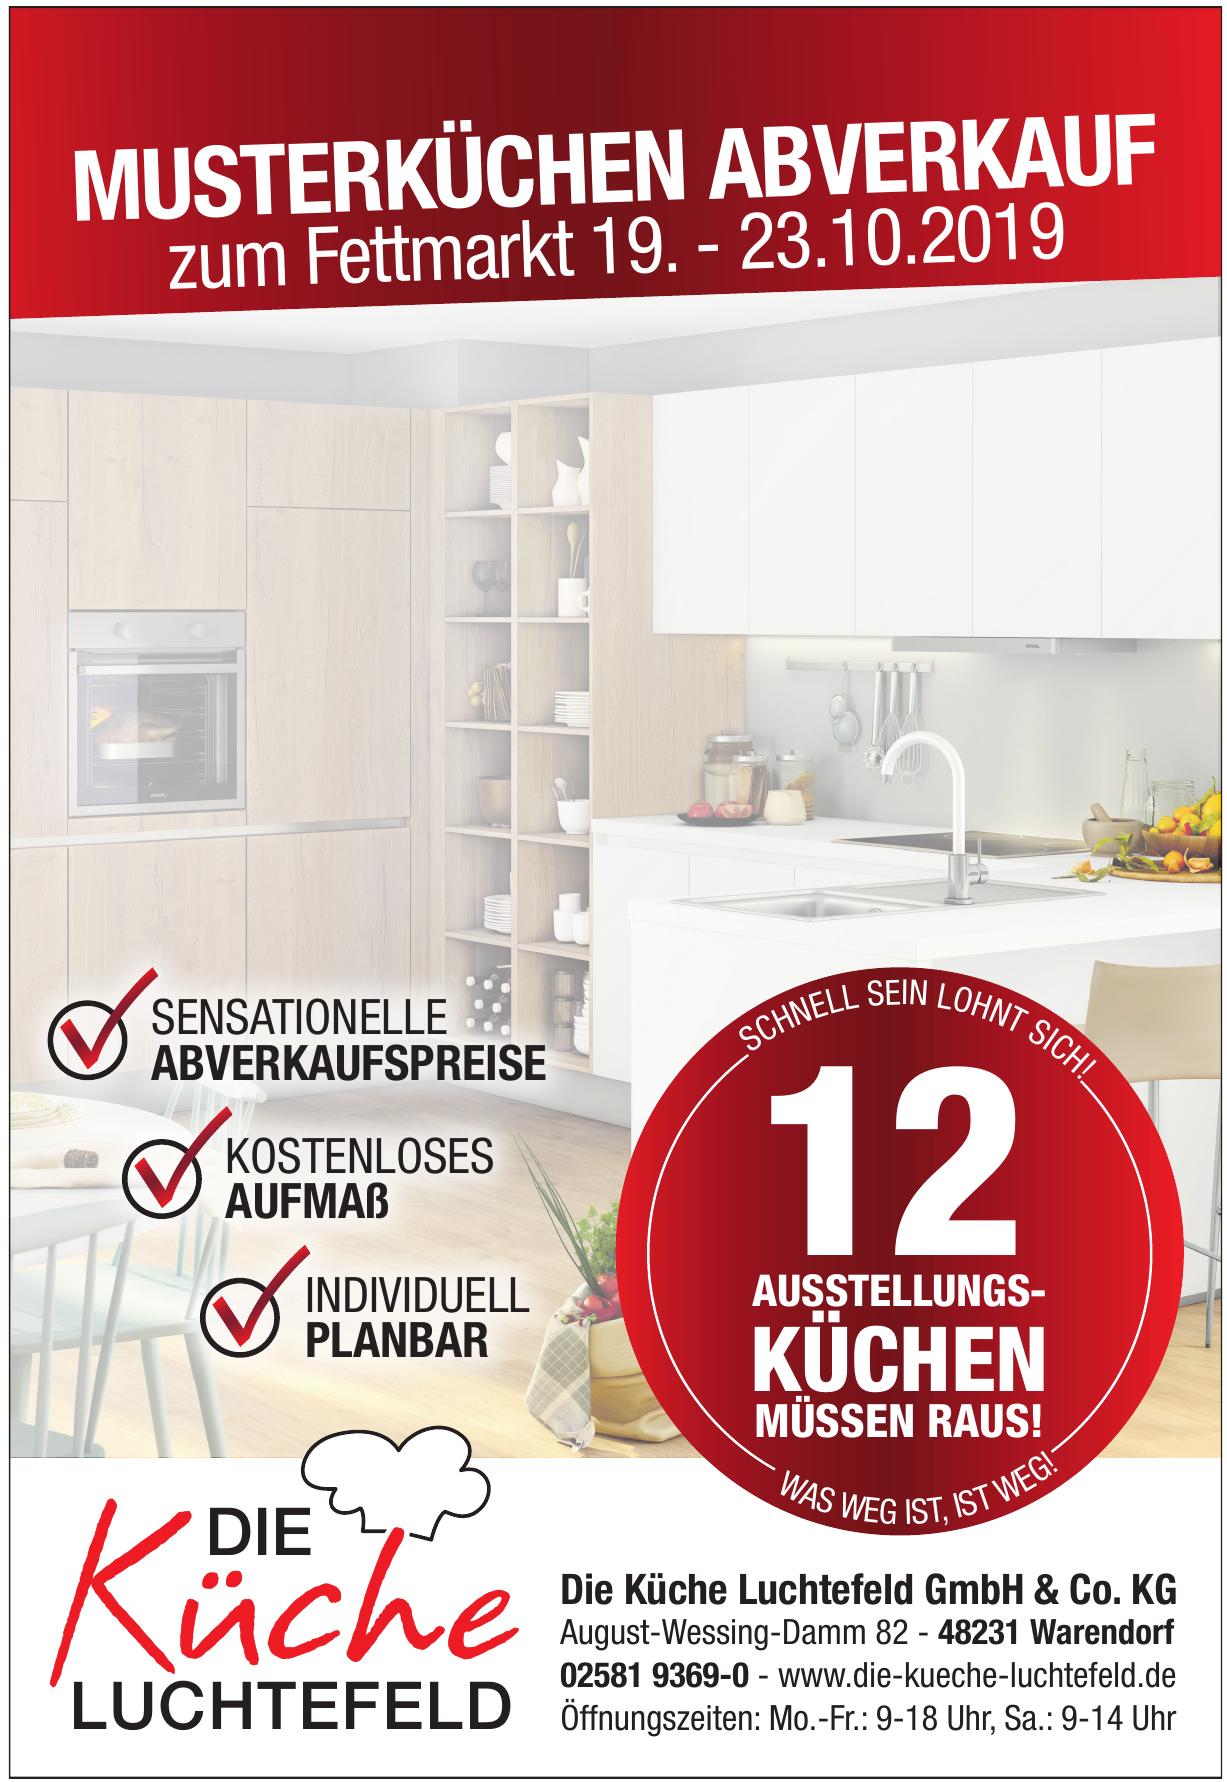 Die Küche Luchtefeld GmbH & Co. KG